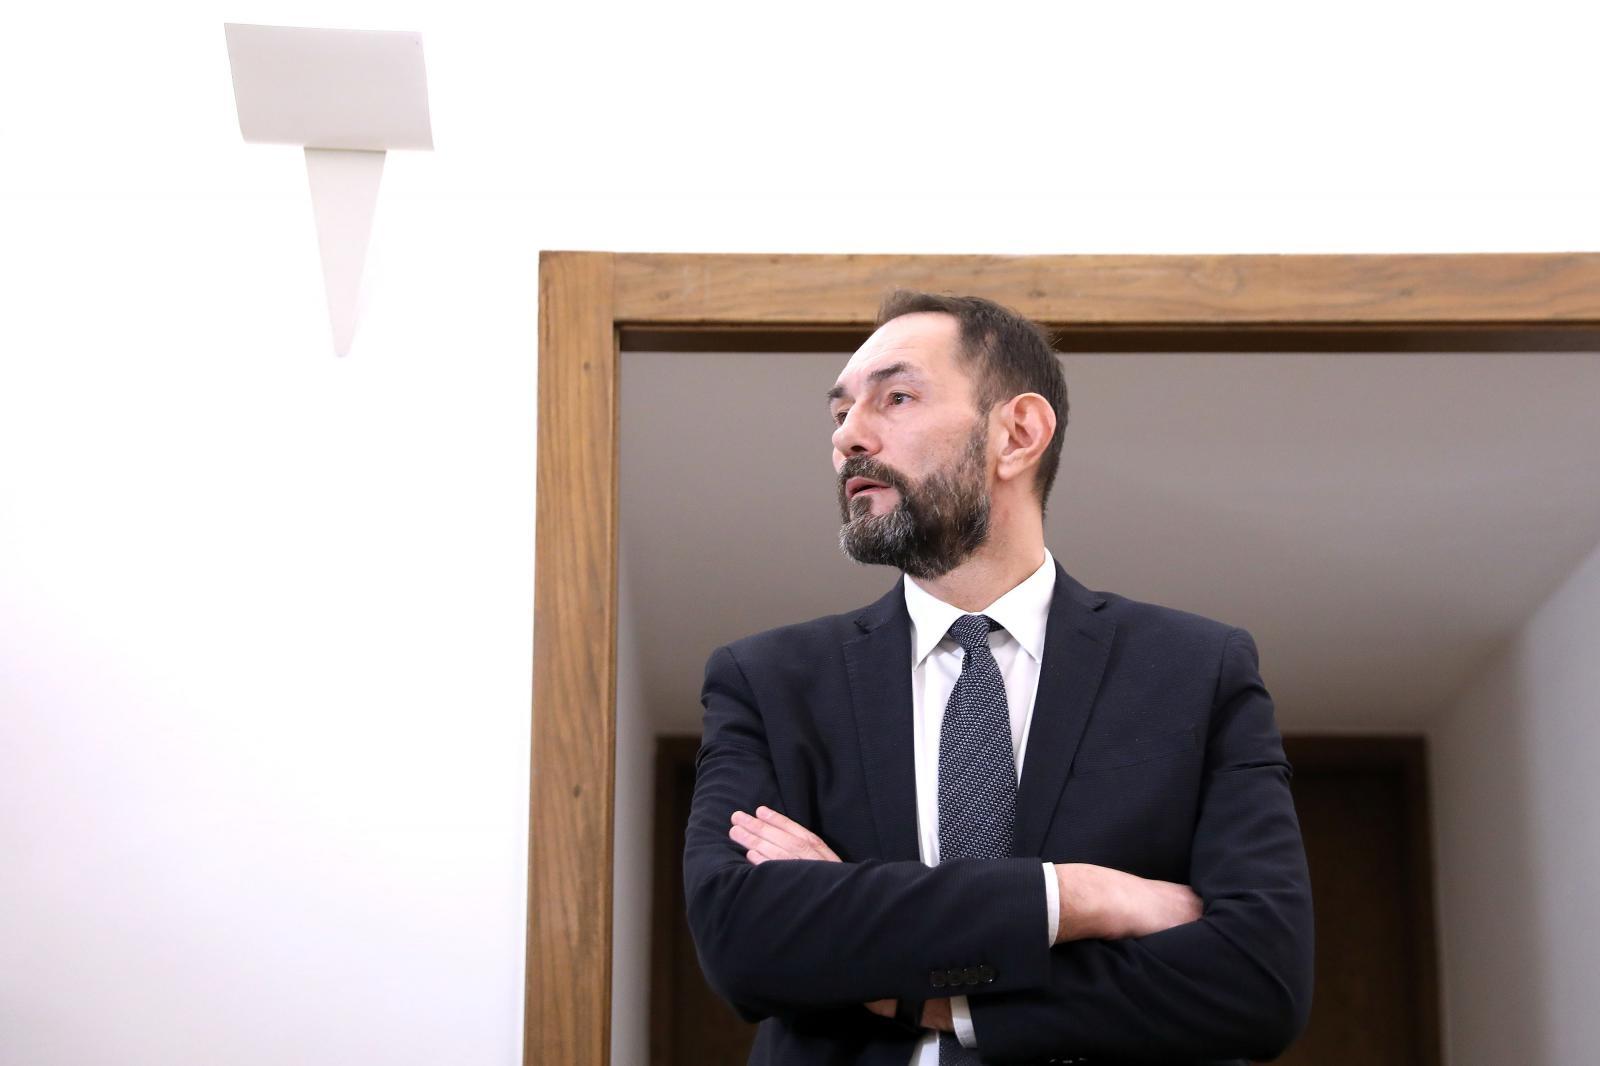 Jelenić podnio ostavku na dužnost glavnog državnog odvjetnika